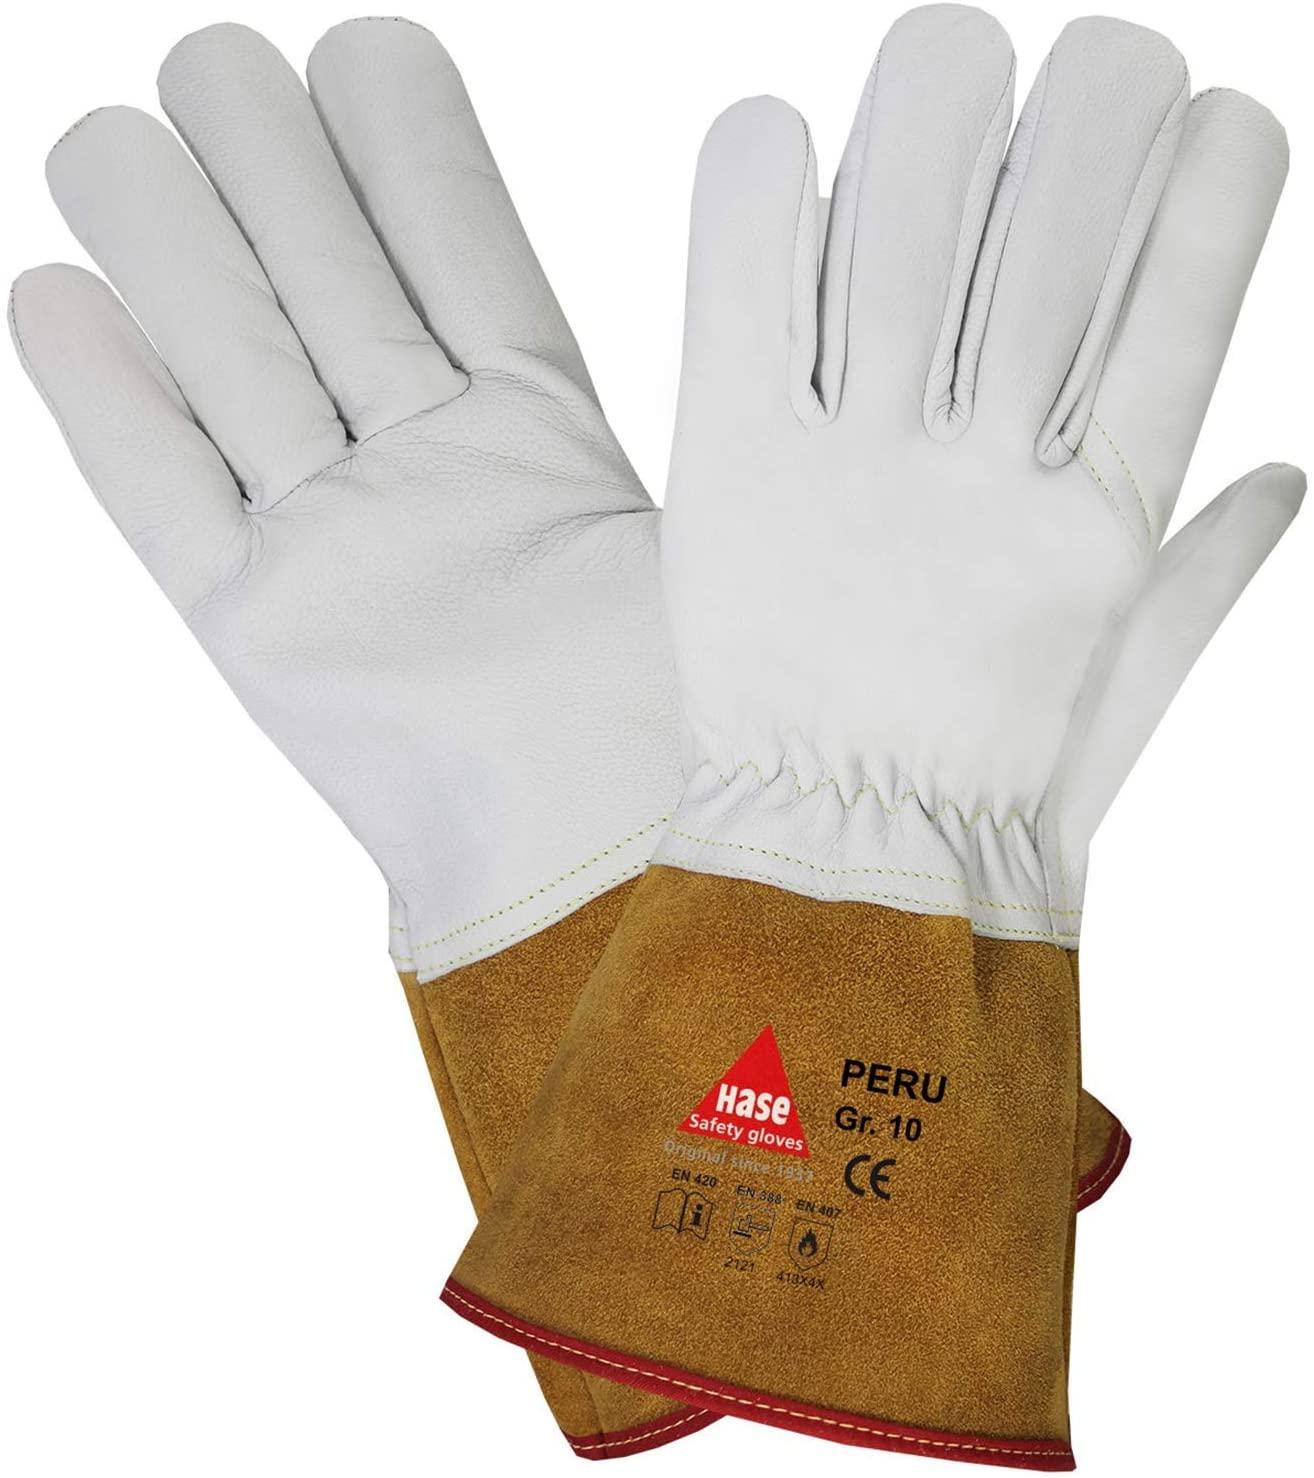 gants anti-chaleur Hase Safety Peru